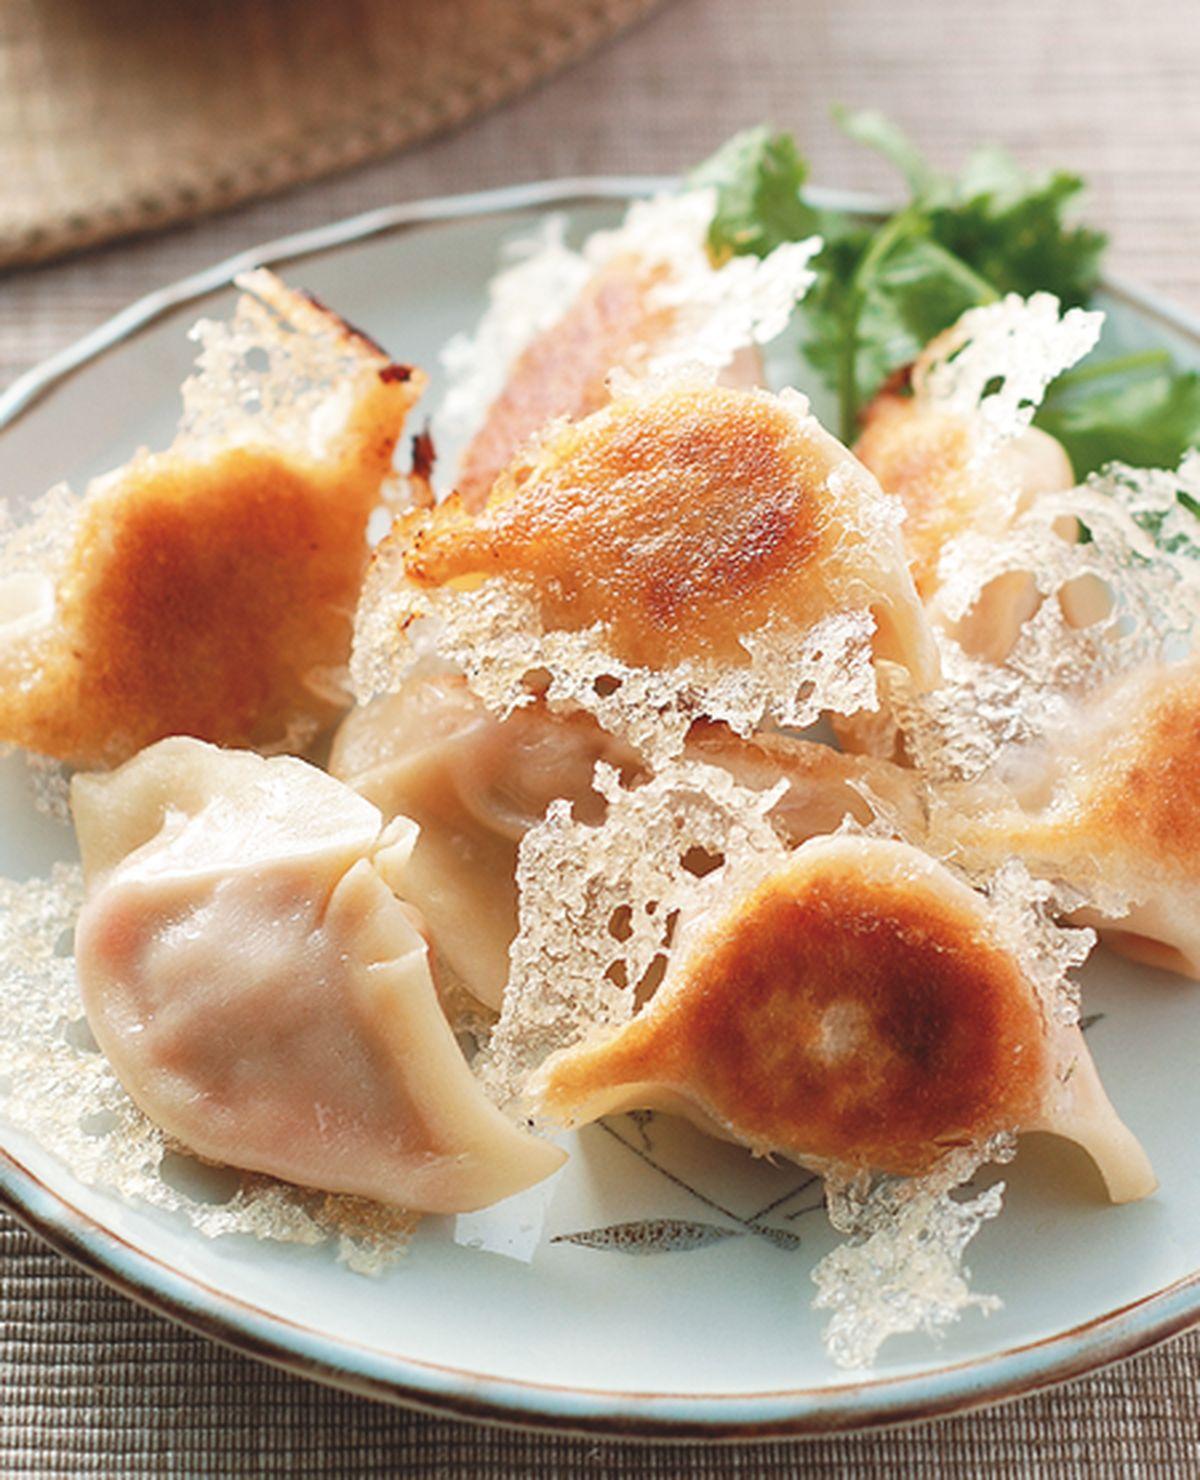 食譜:冰花煎餃